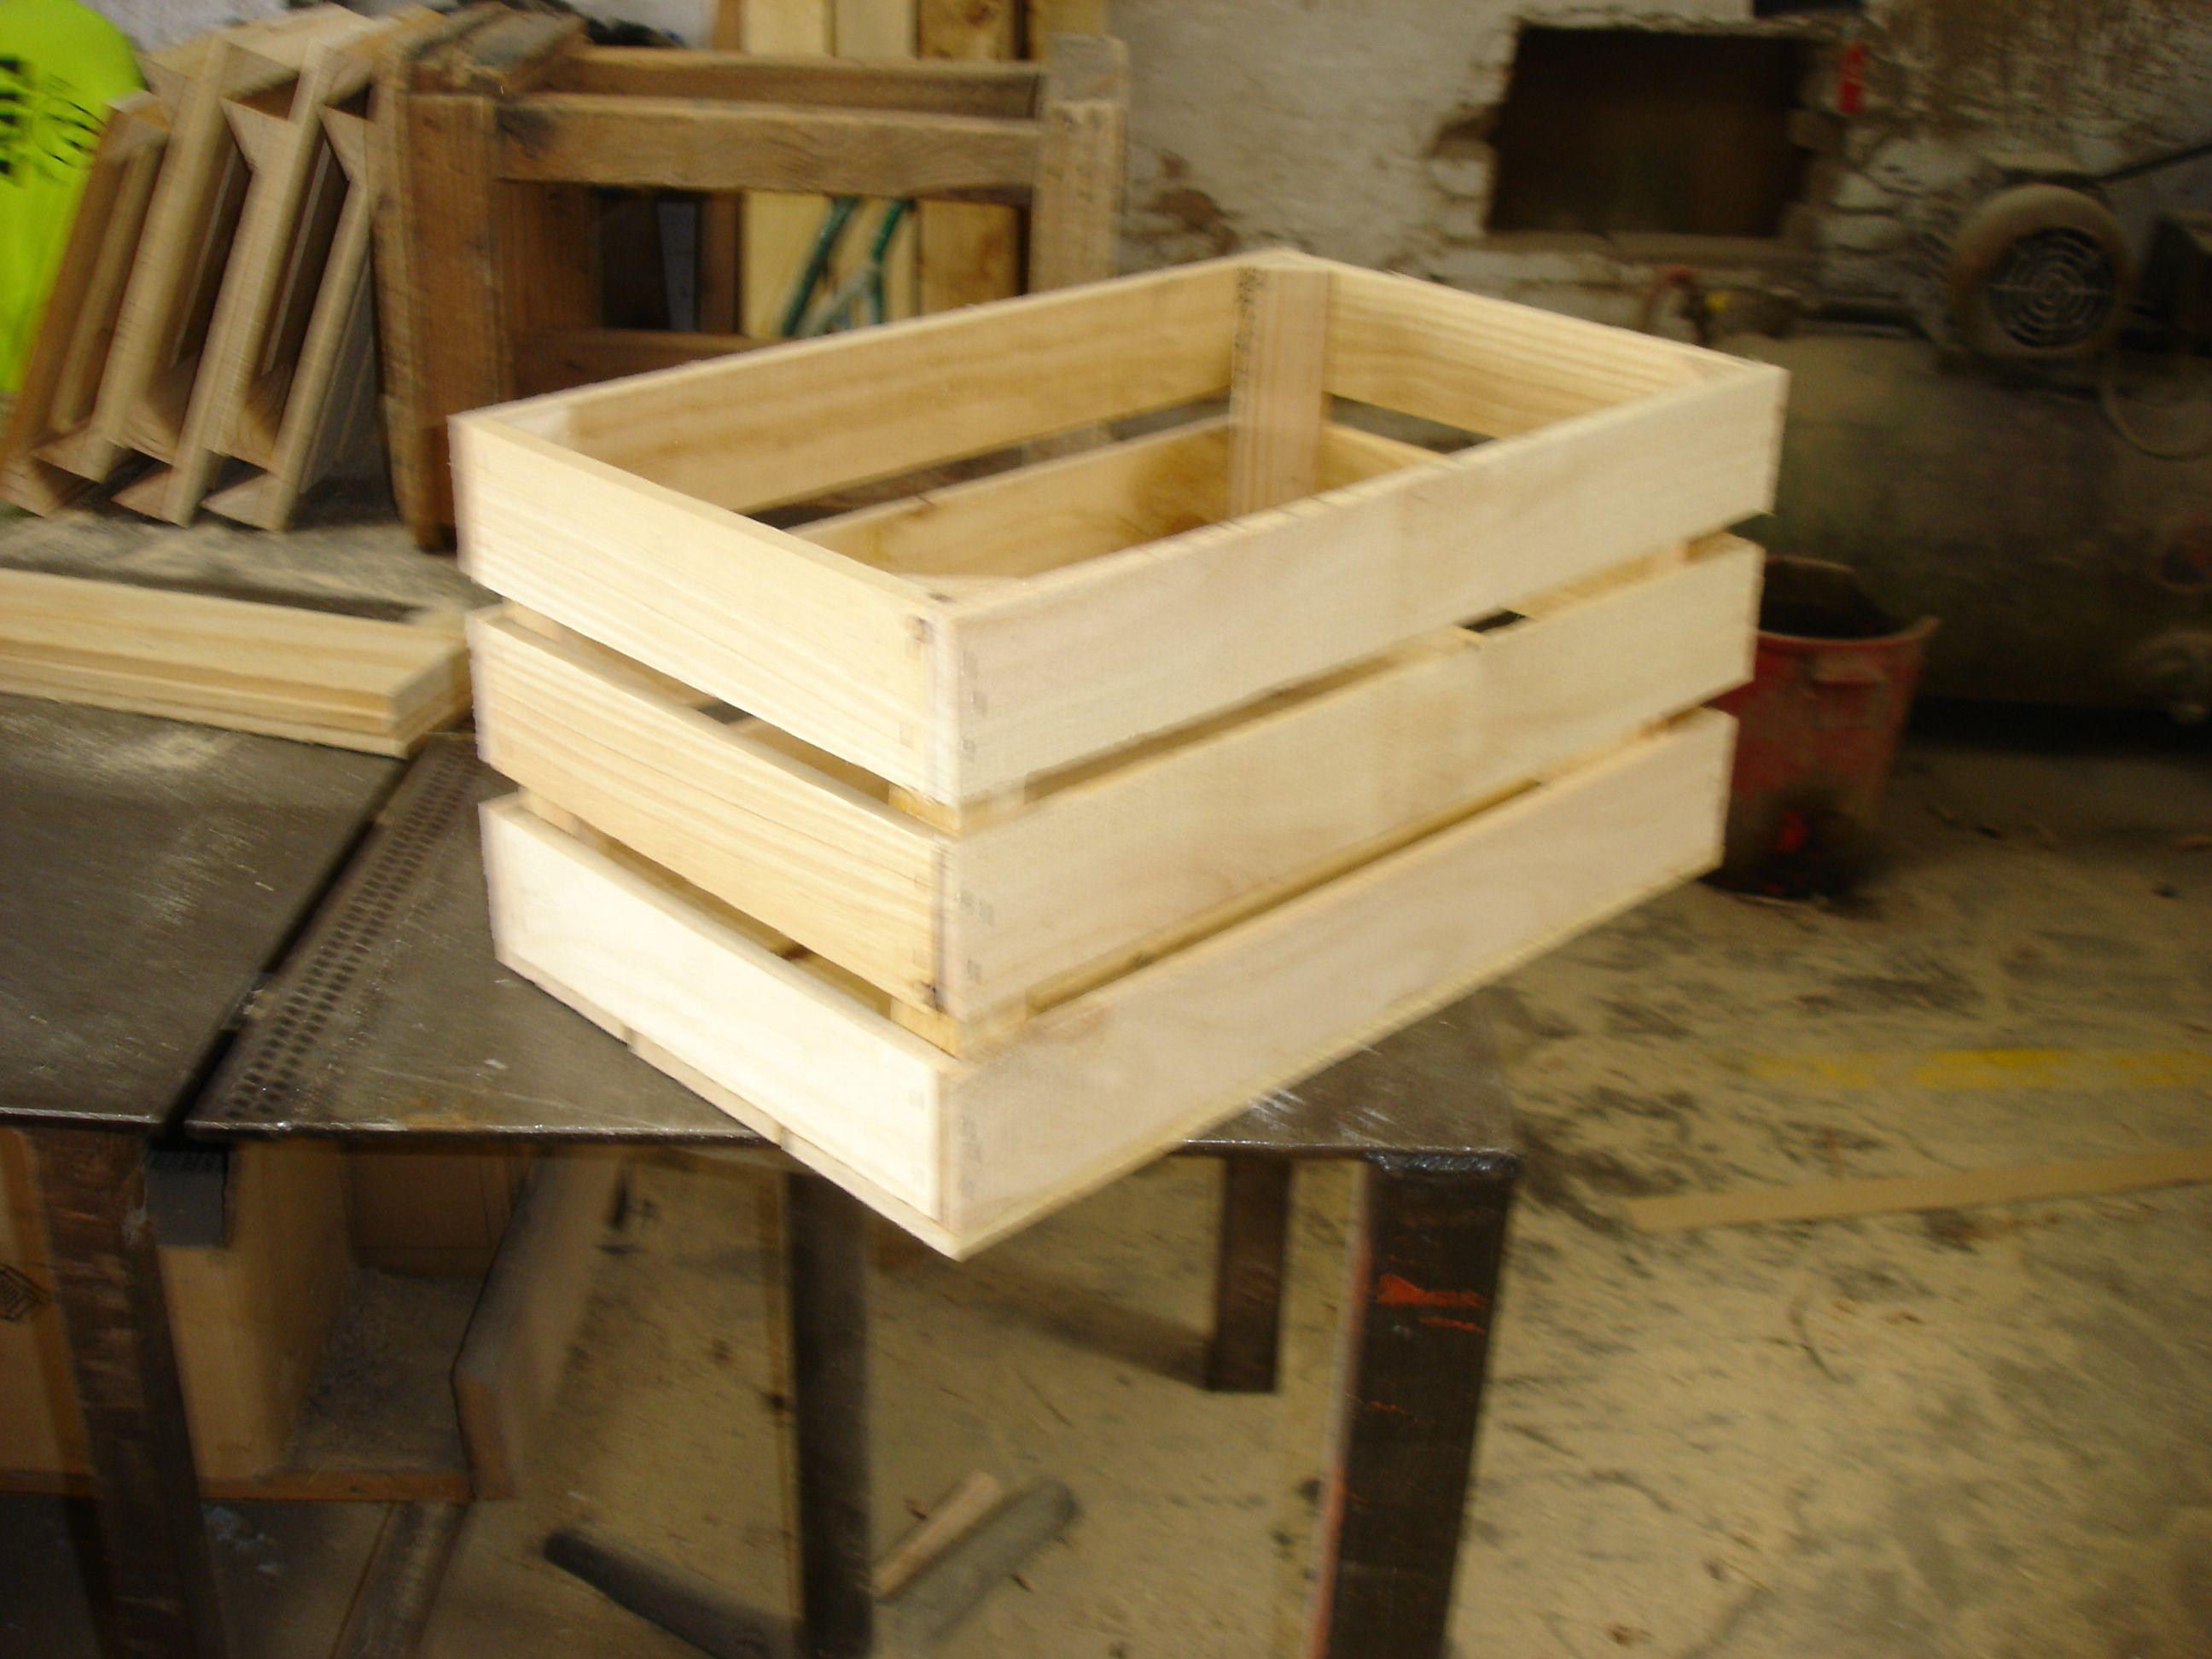 cajas de madera fruta nueva ideal para decoracin